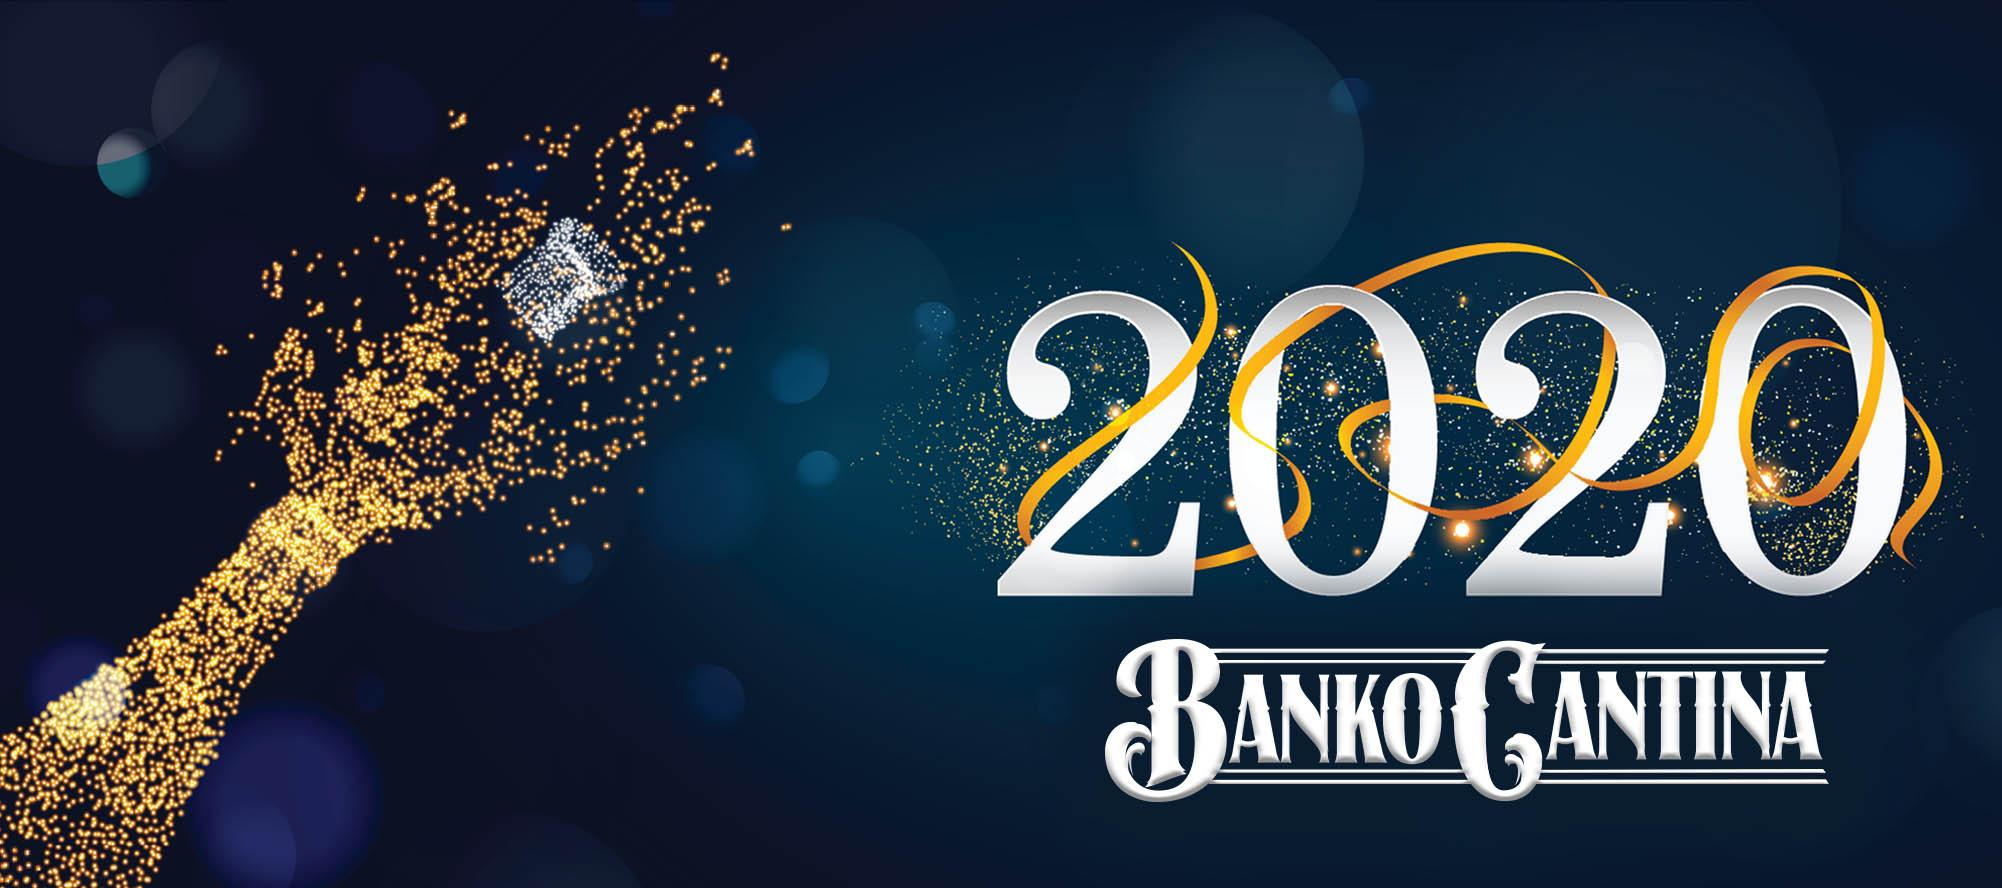 Banko Cantina